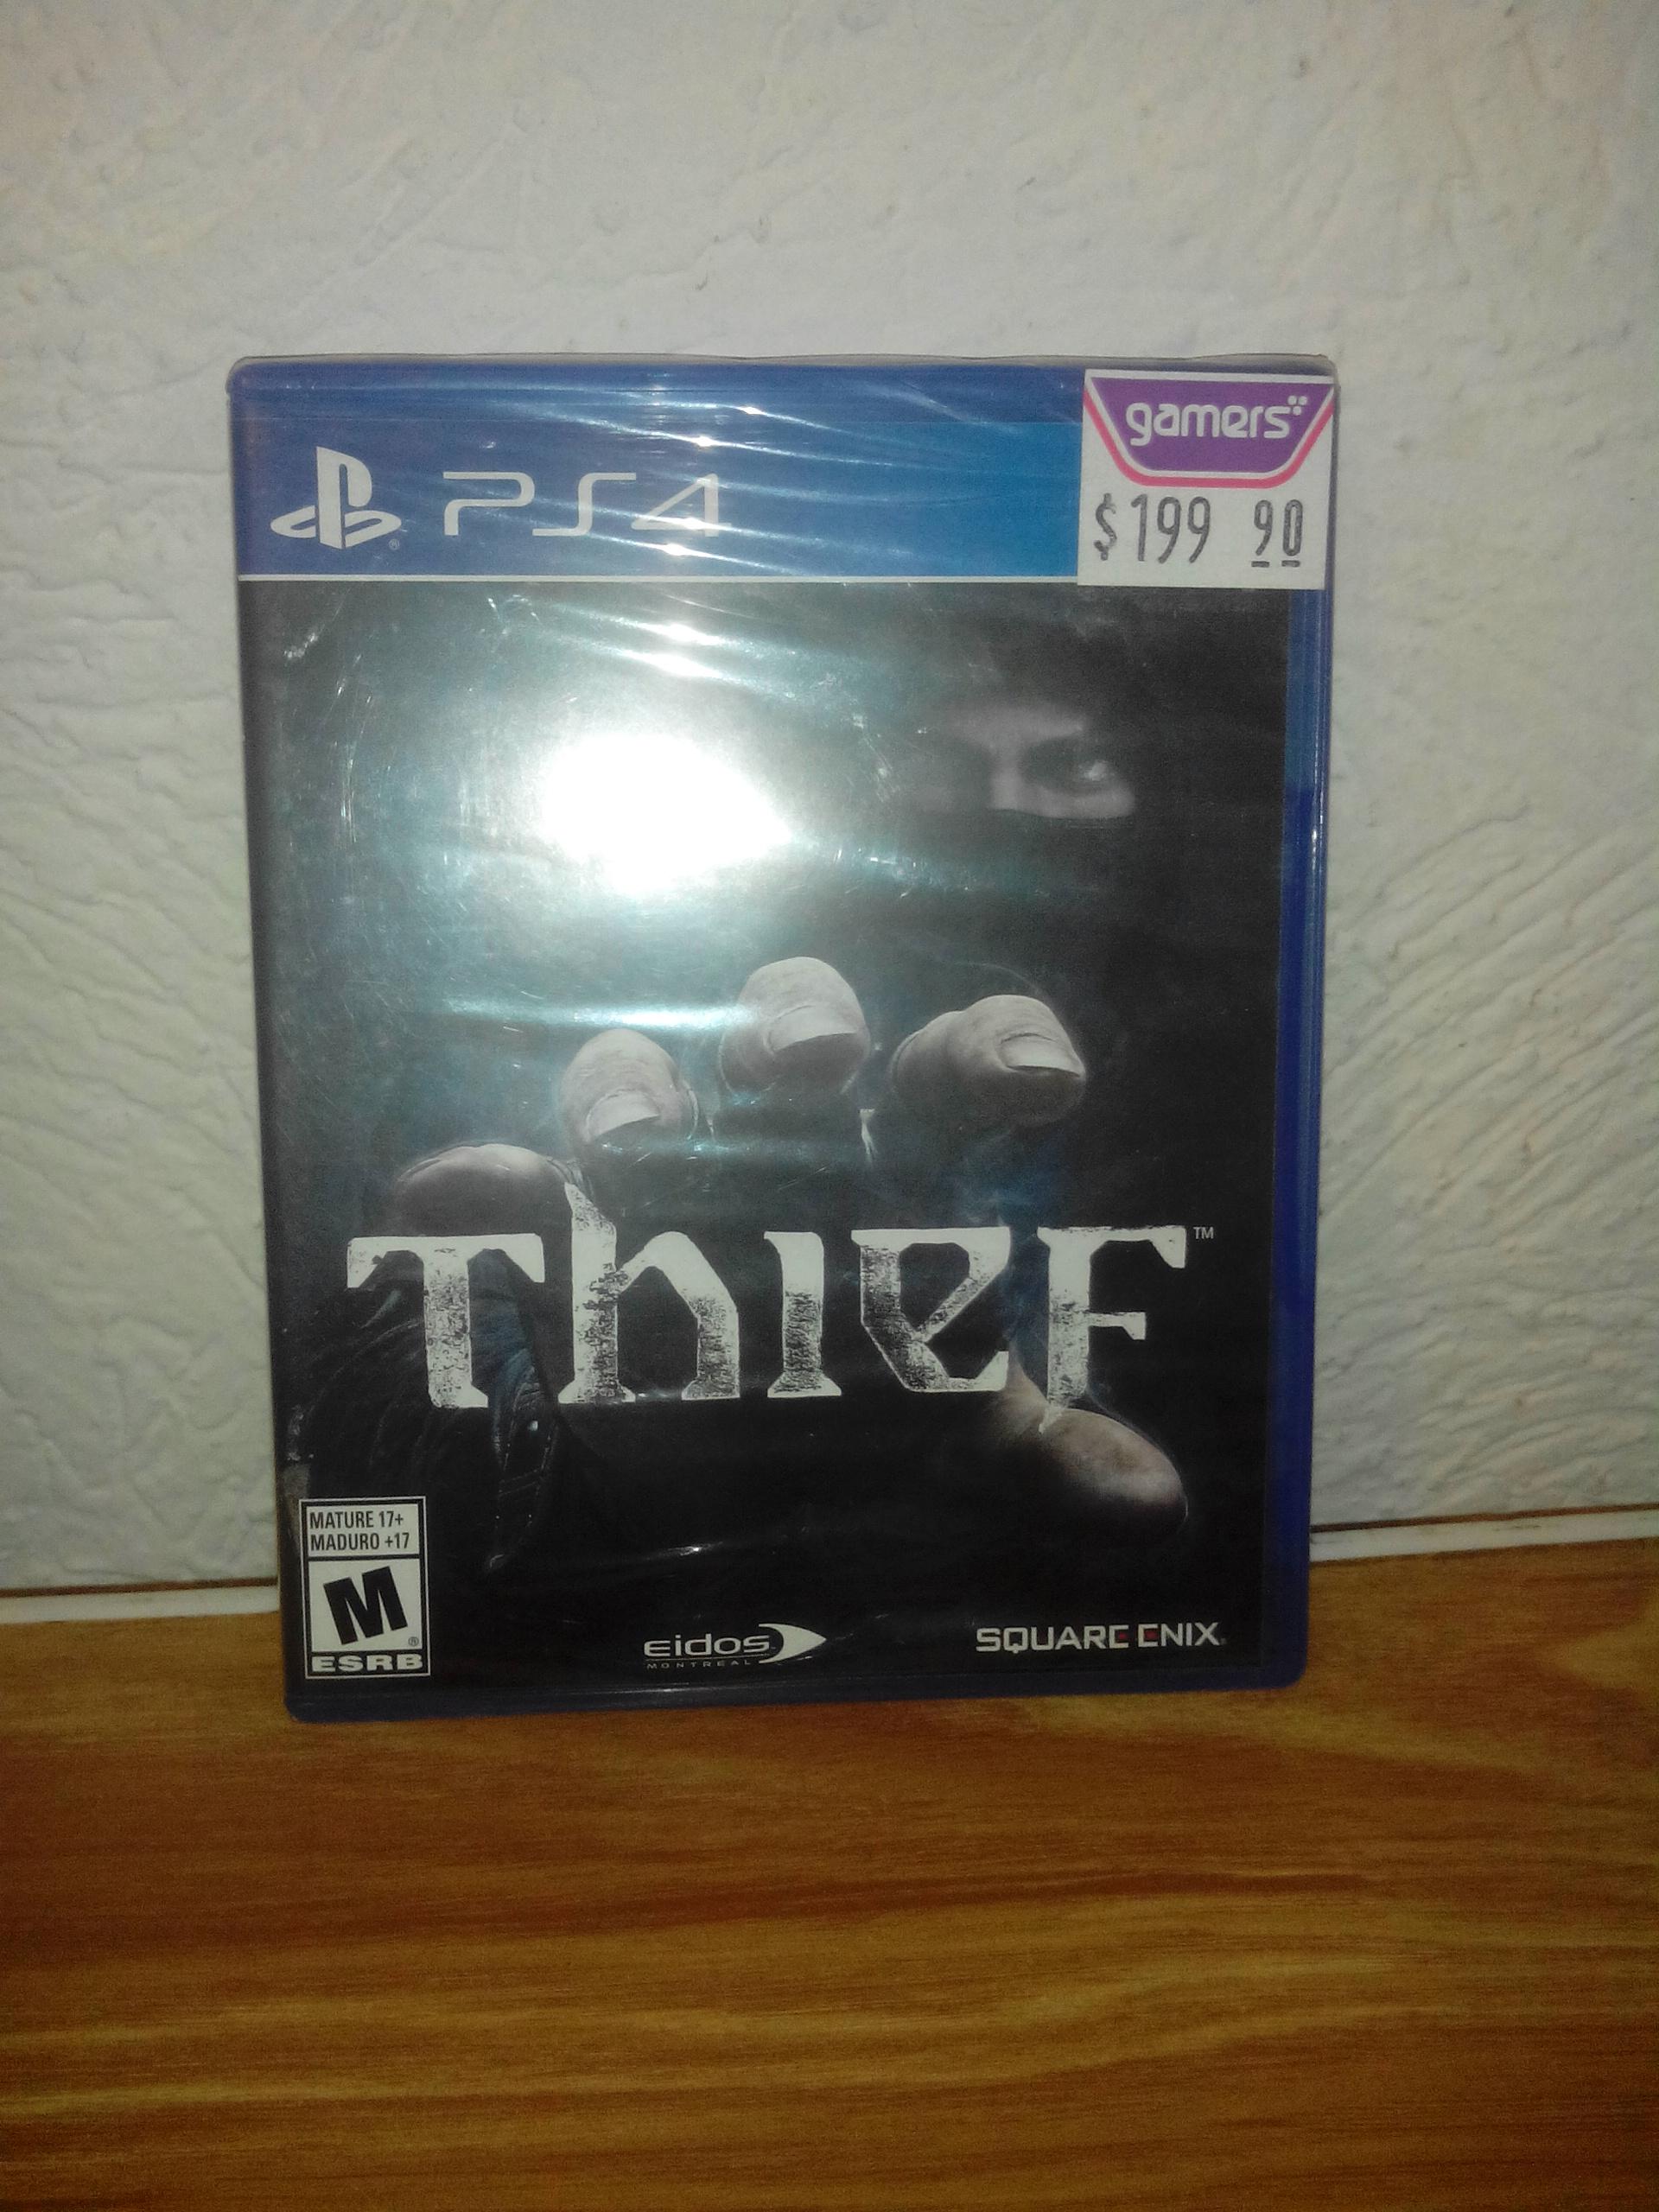 Gamers Retail Thief $199.90 y Fifa 14 $199.90 PS4 y XBOX ONE más Promocritica